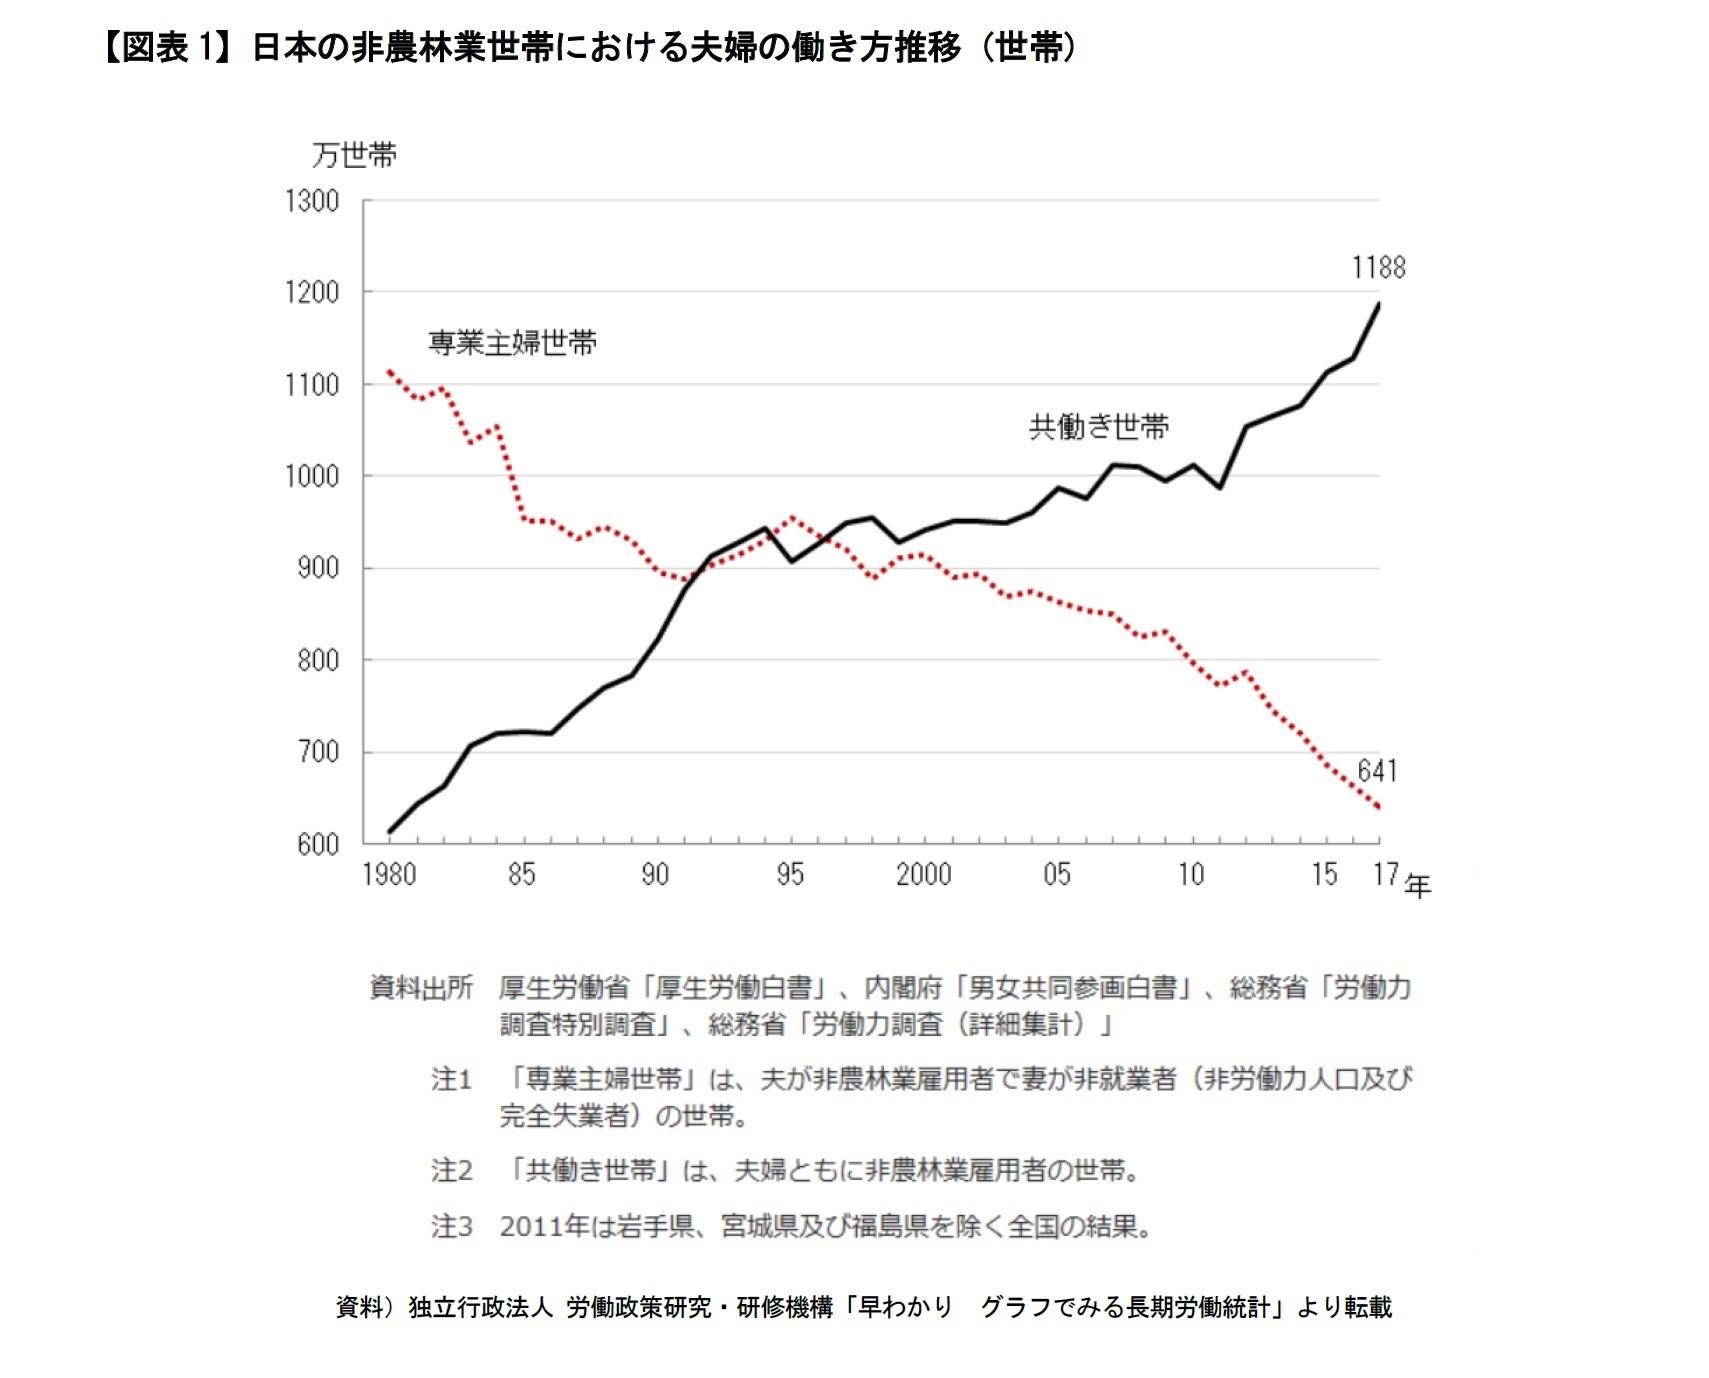 【図表1】日本の非農林業世帯における夫婦の働き方推移(世帯)